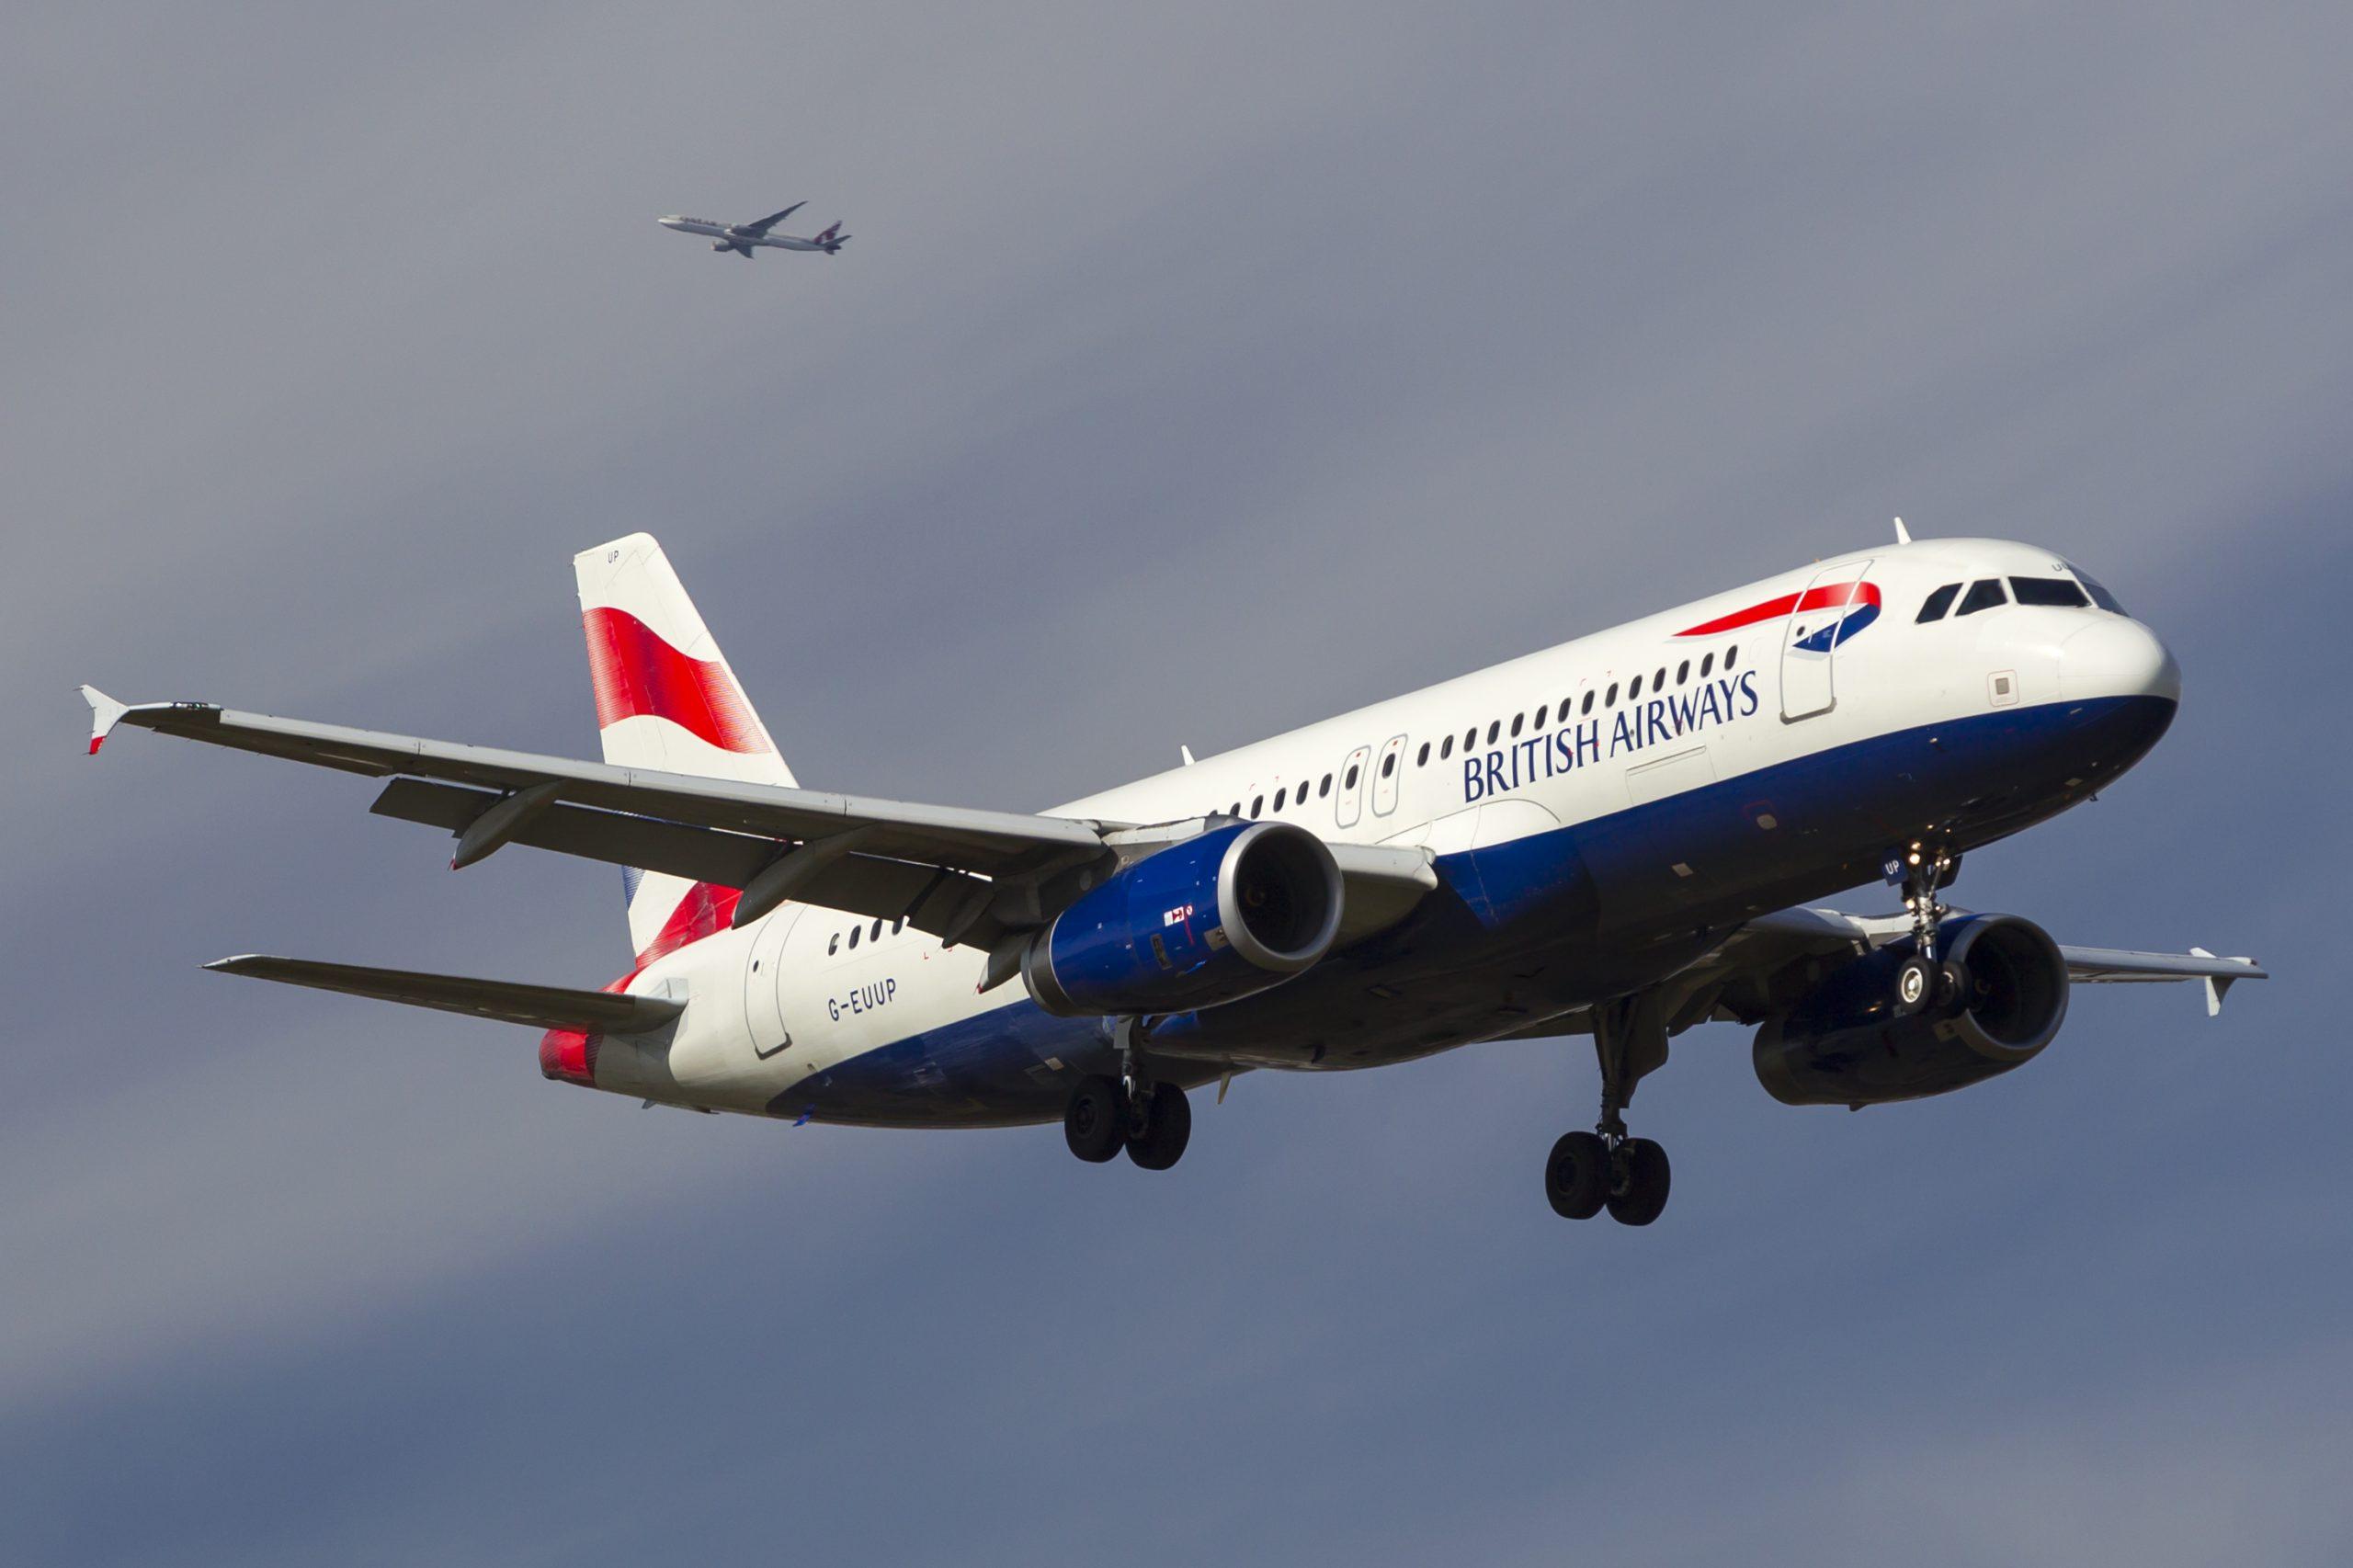 En Airbus A320-200 fra British Airways. Foto: © Thorbjørn Brunander Sund, Danish Aviation Photo